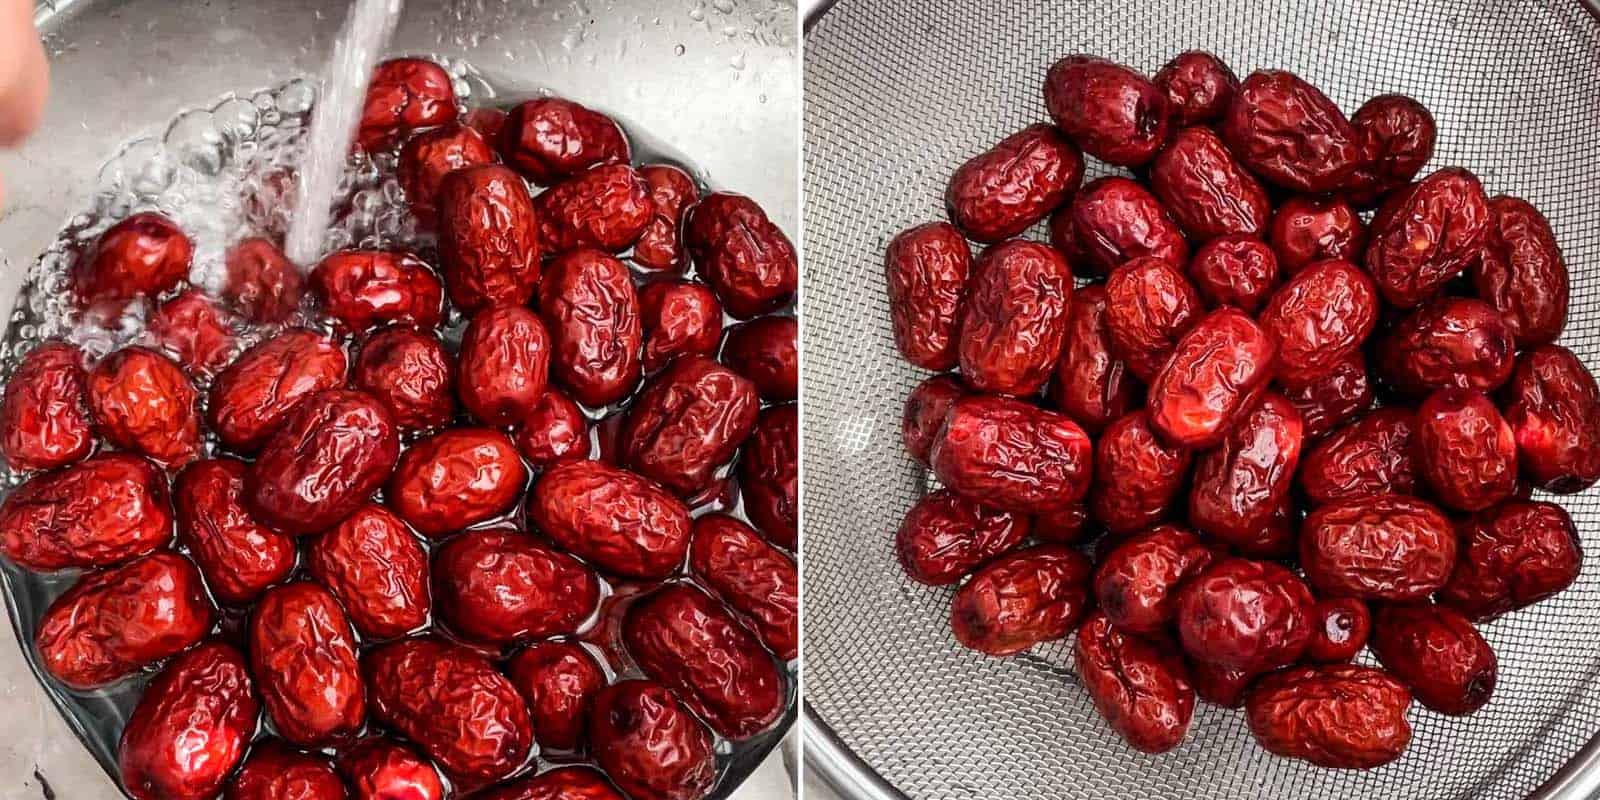 Rinsing Red Dates (jujubes)